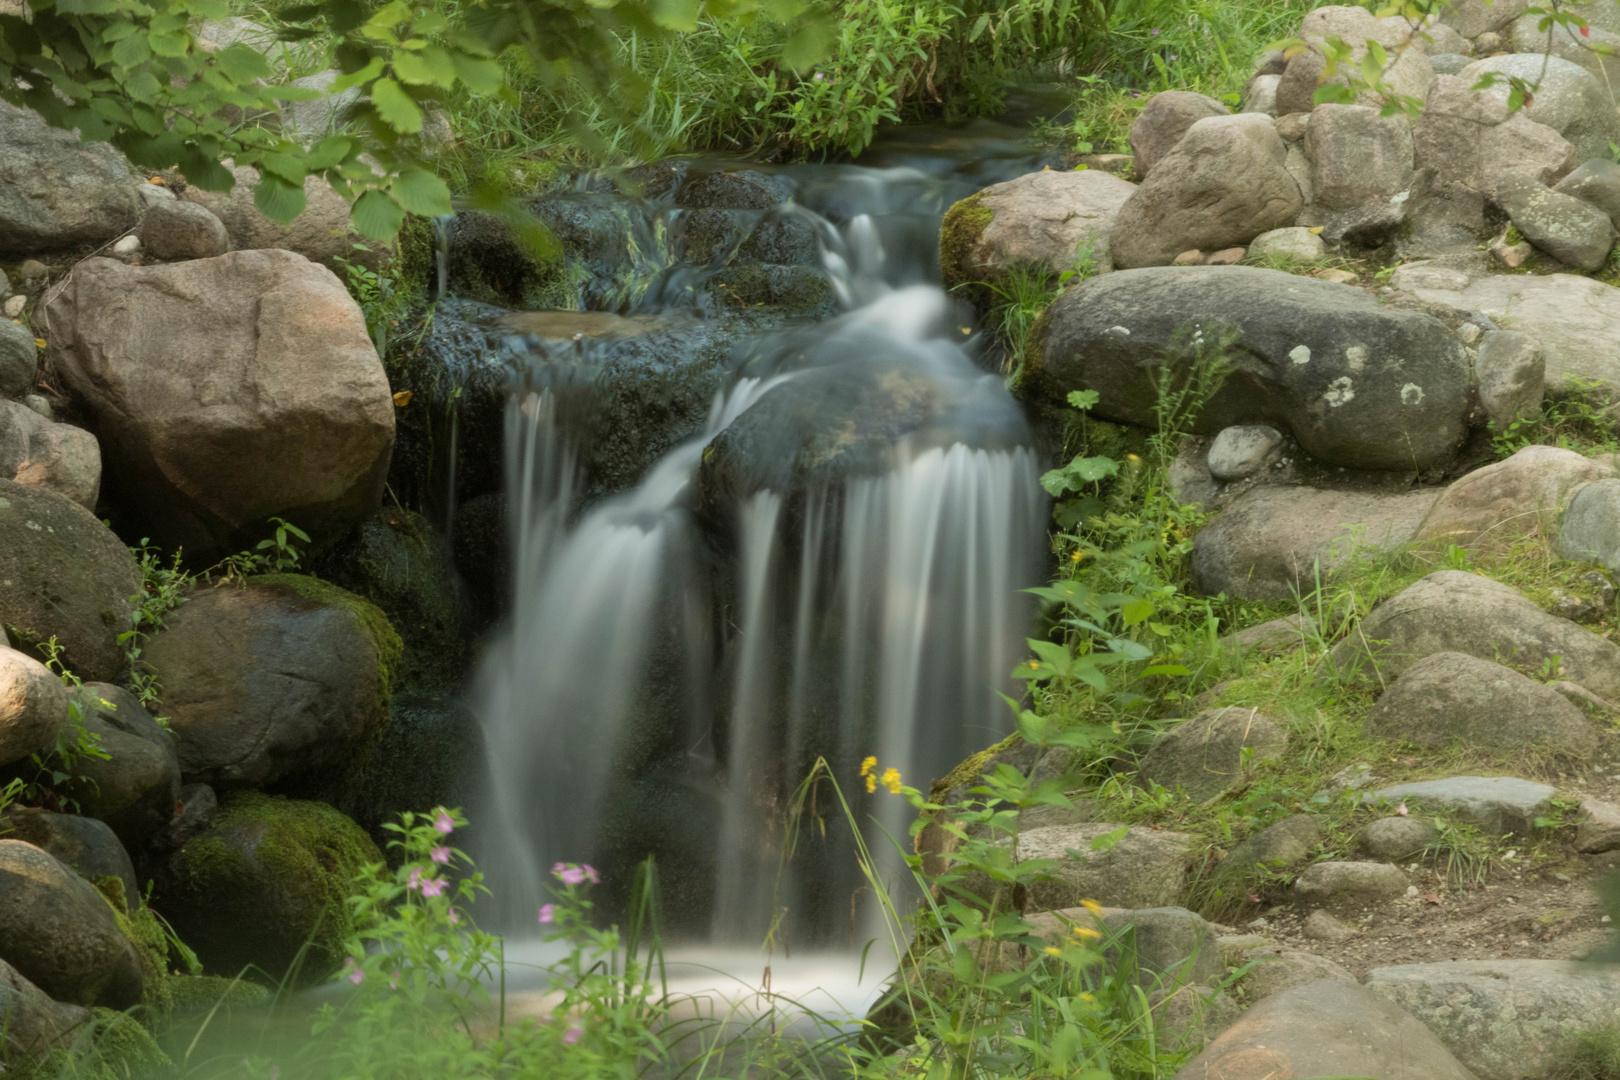 Wasserfall Foto & Bild | landschaft, garten ...